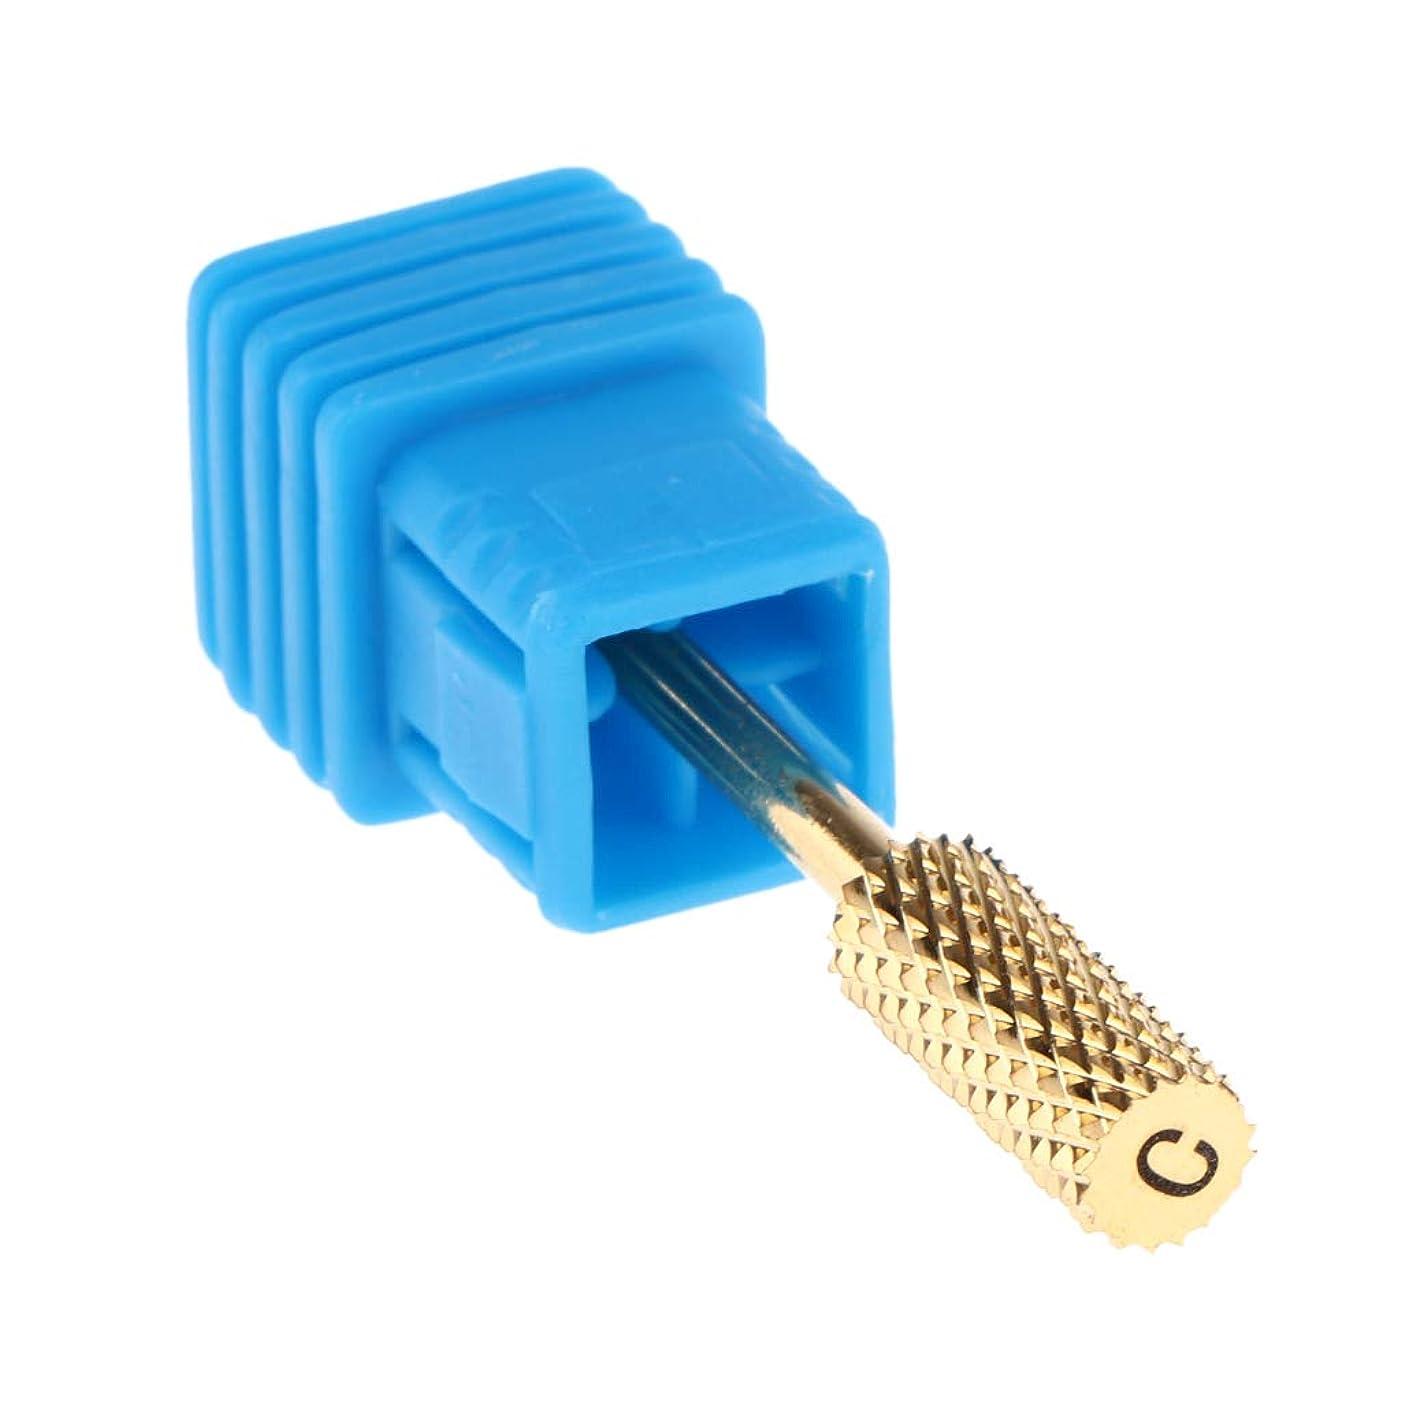 ミリメートルリラックスした代表するB Blesiya 全4サイズ ペディキュア用 電動グラインディングヘッド 電気マニキュアドリルビットヘッド - C